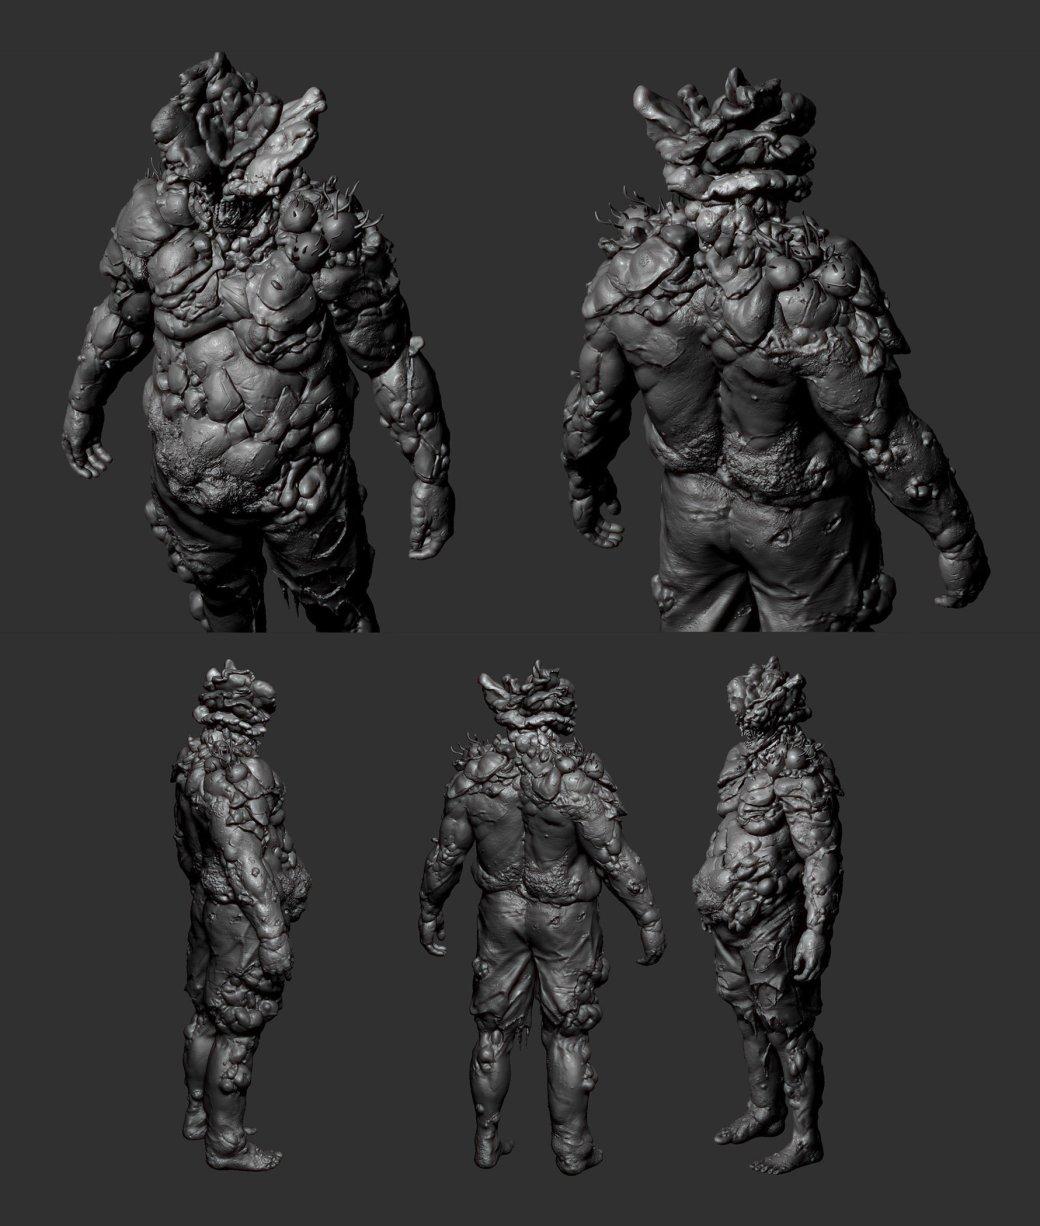 Разработчик The Last of Us выложил свои наработки в сеть - Изображение 13